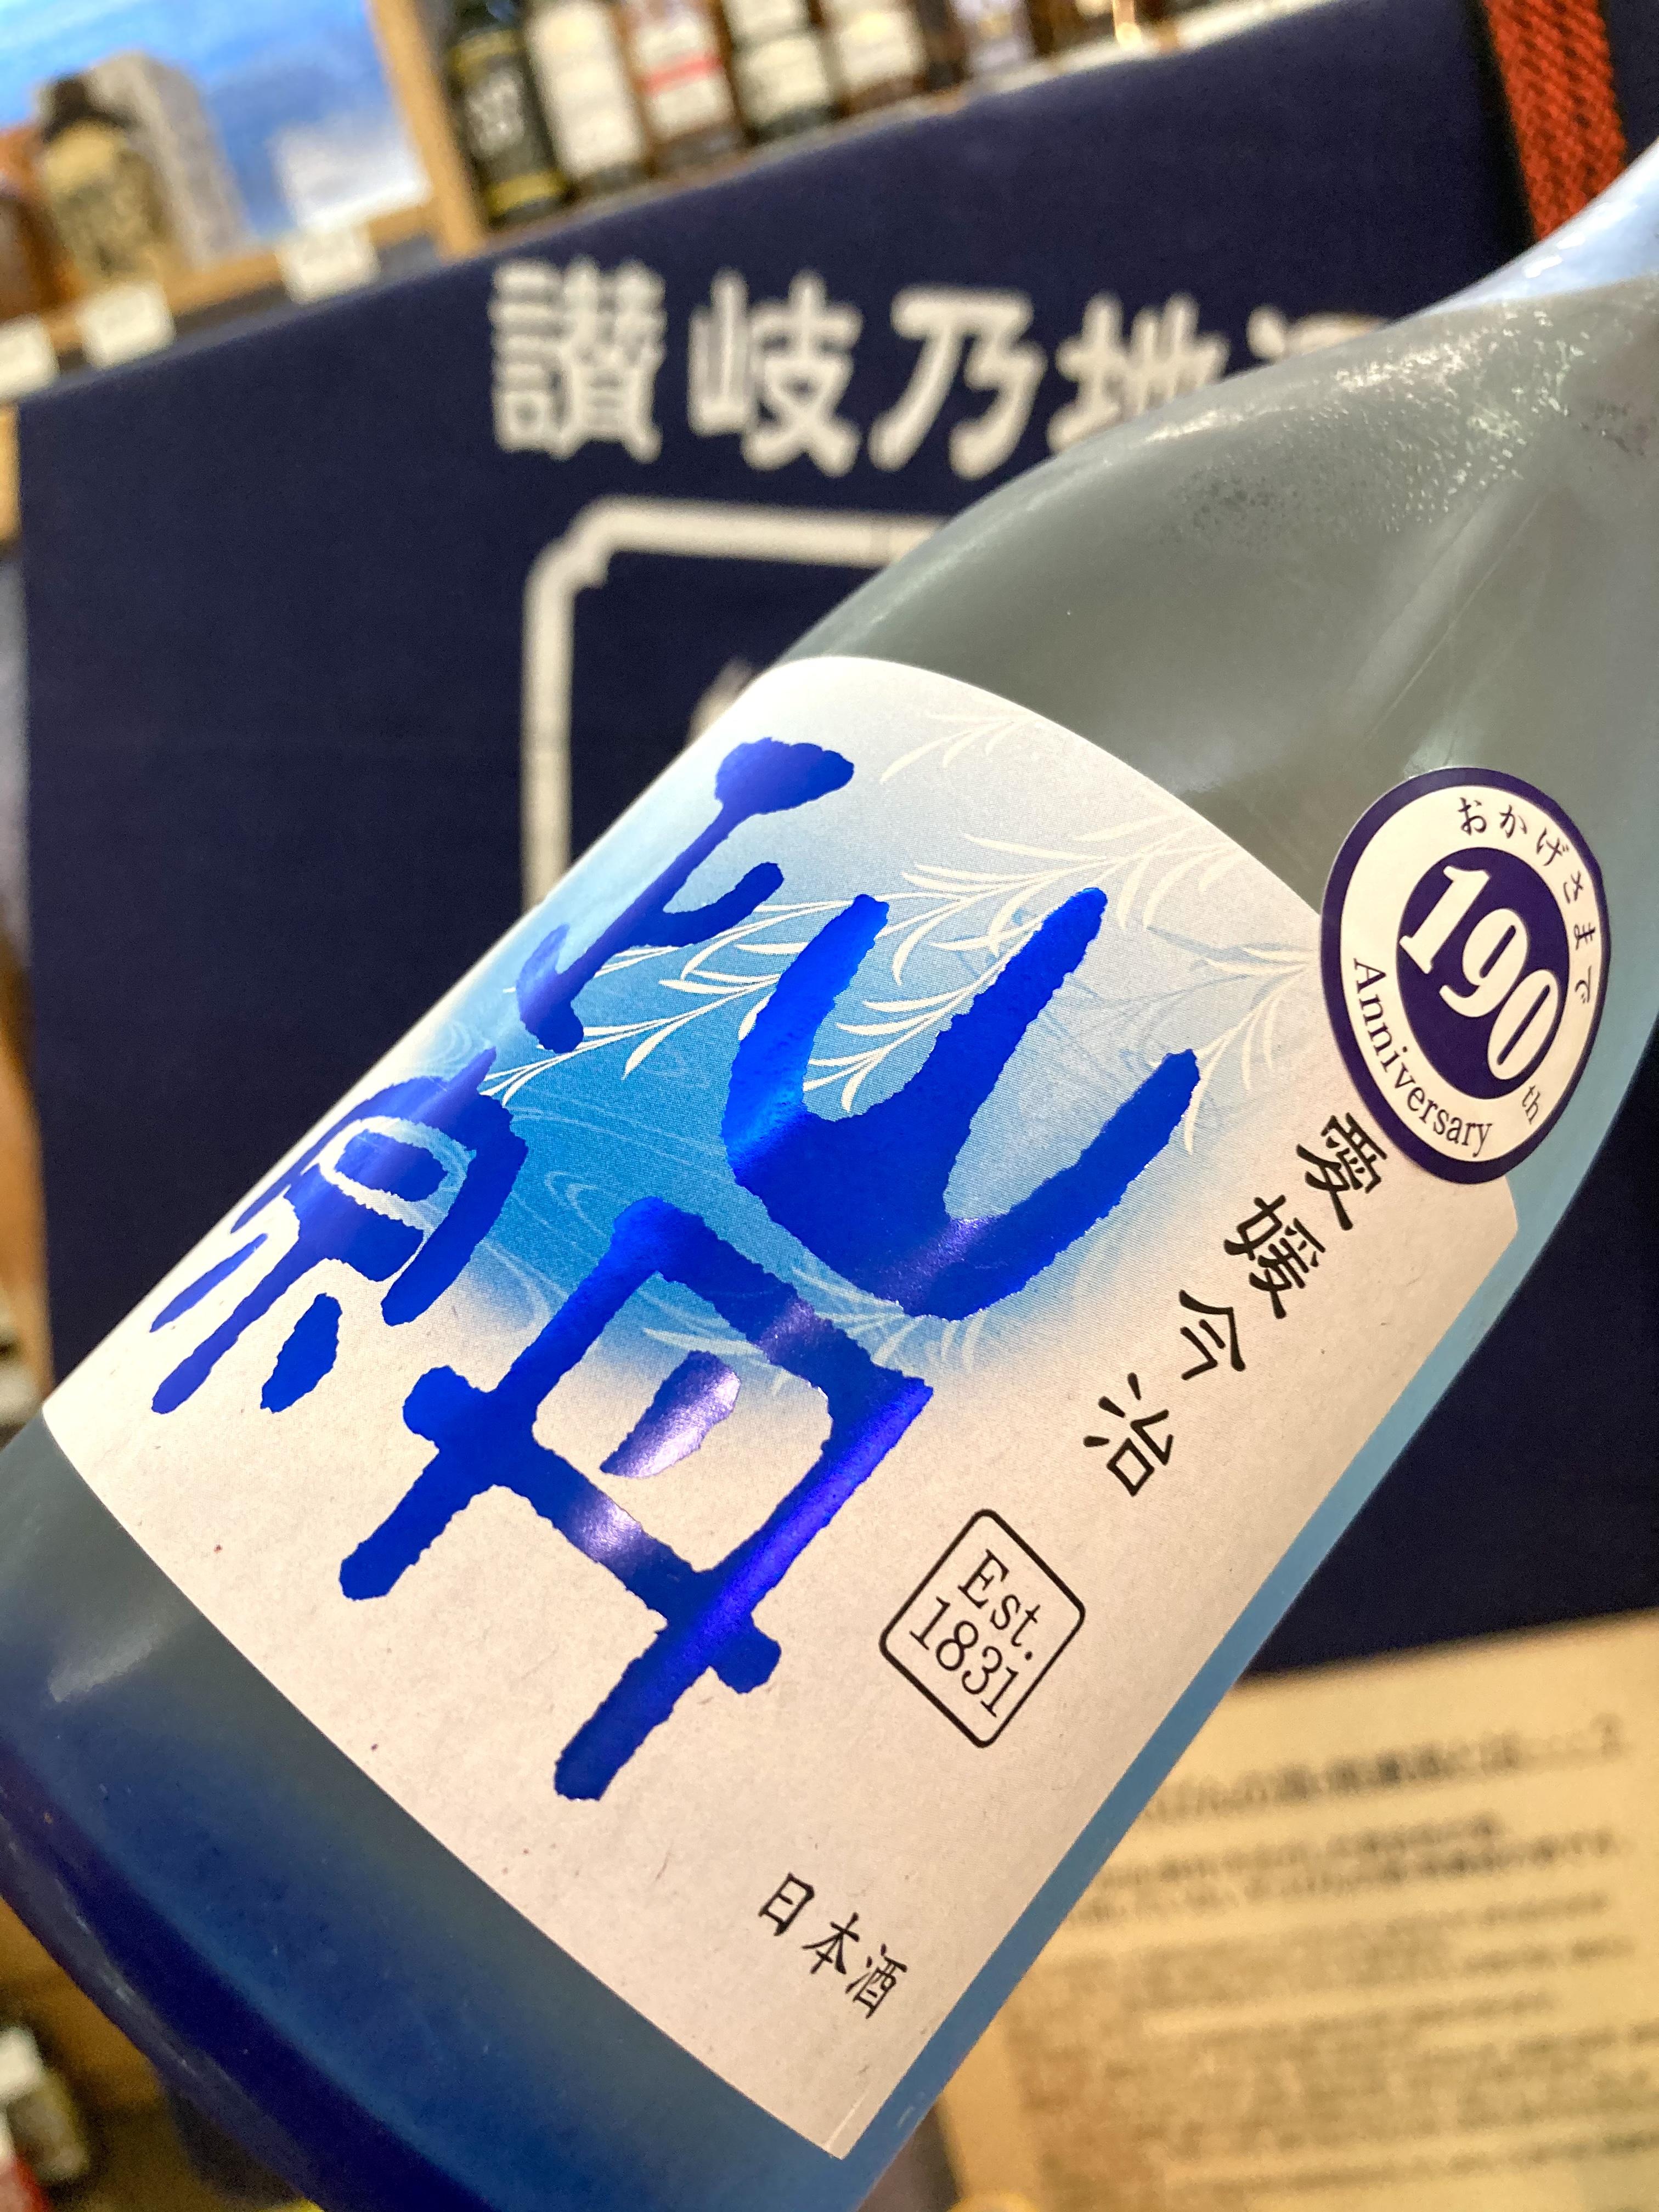 愛媛県今治市【八木酒造部】さんより、見た目も涼やかな… 『山丹正宗 吟醸酒〈風鈴〉』